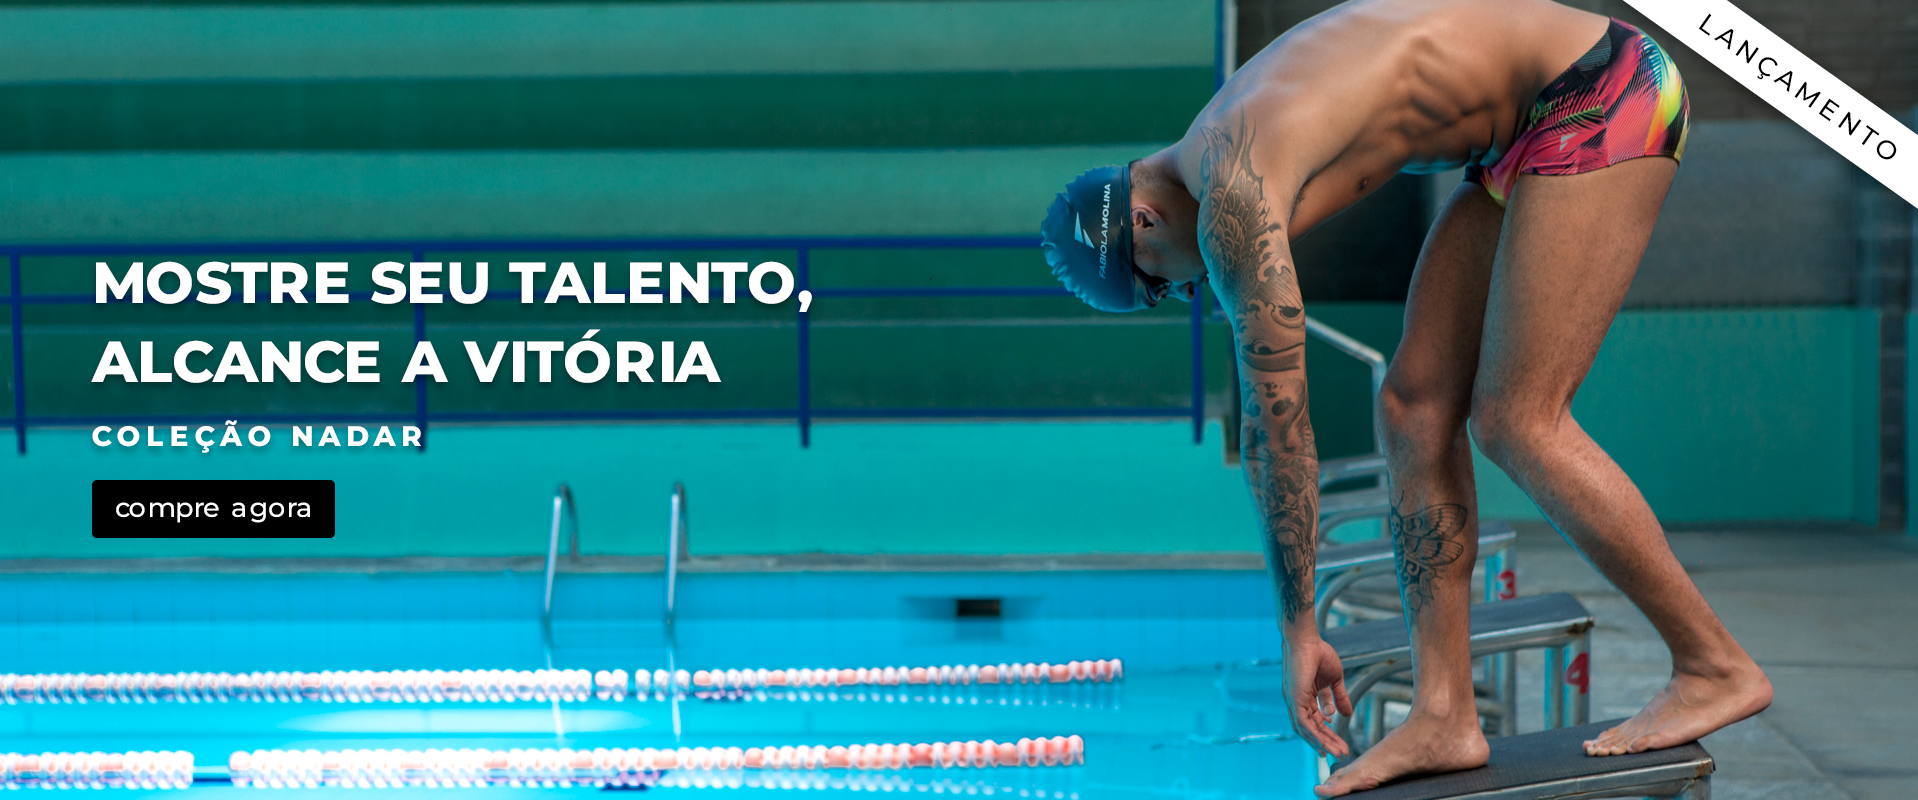 Coleção Nadar - Talento